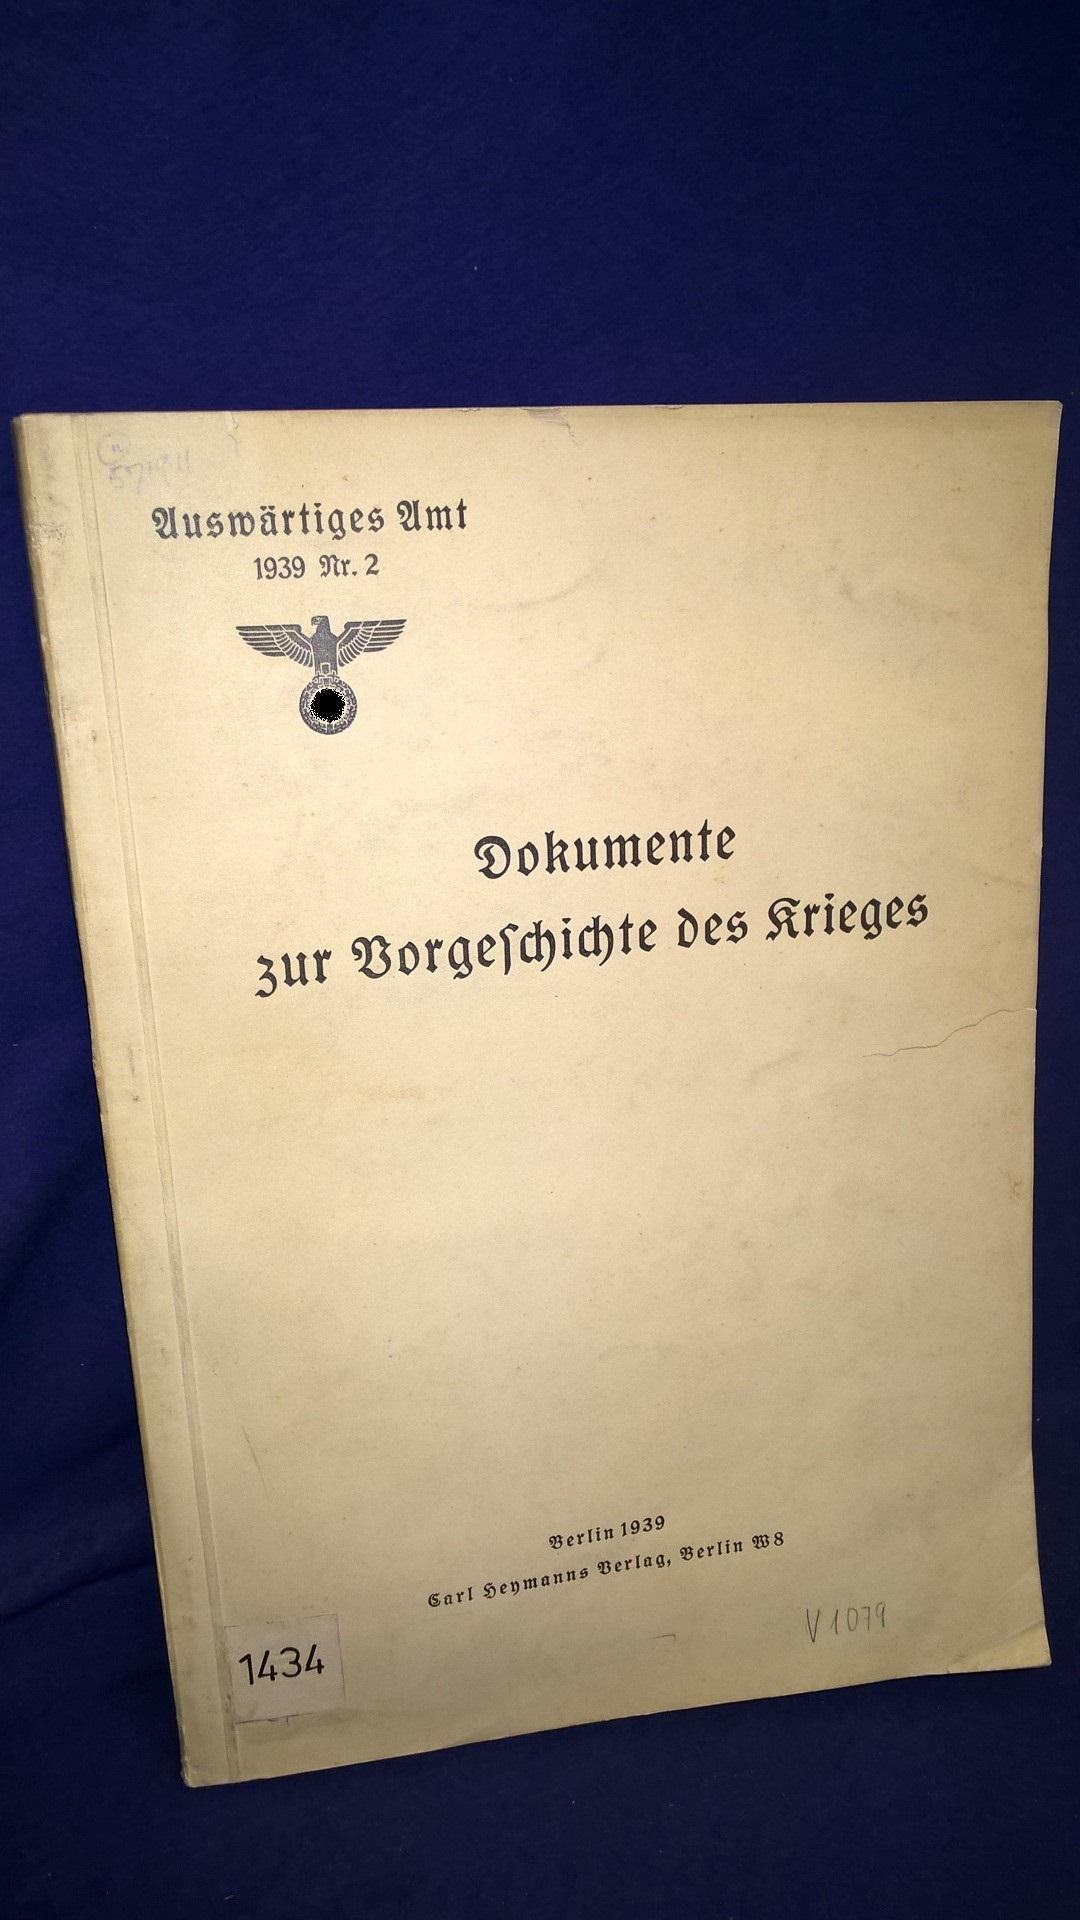 Auswärtiges Amt. 1939 Nr.2.: Dokumente zur Vorgeschichte des Krieges.